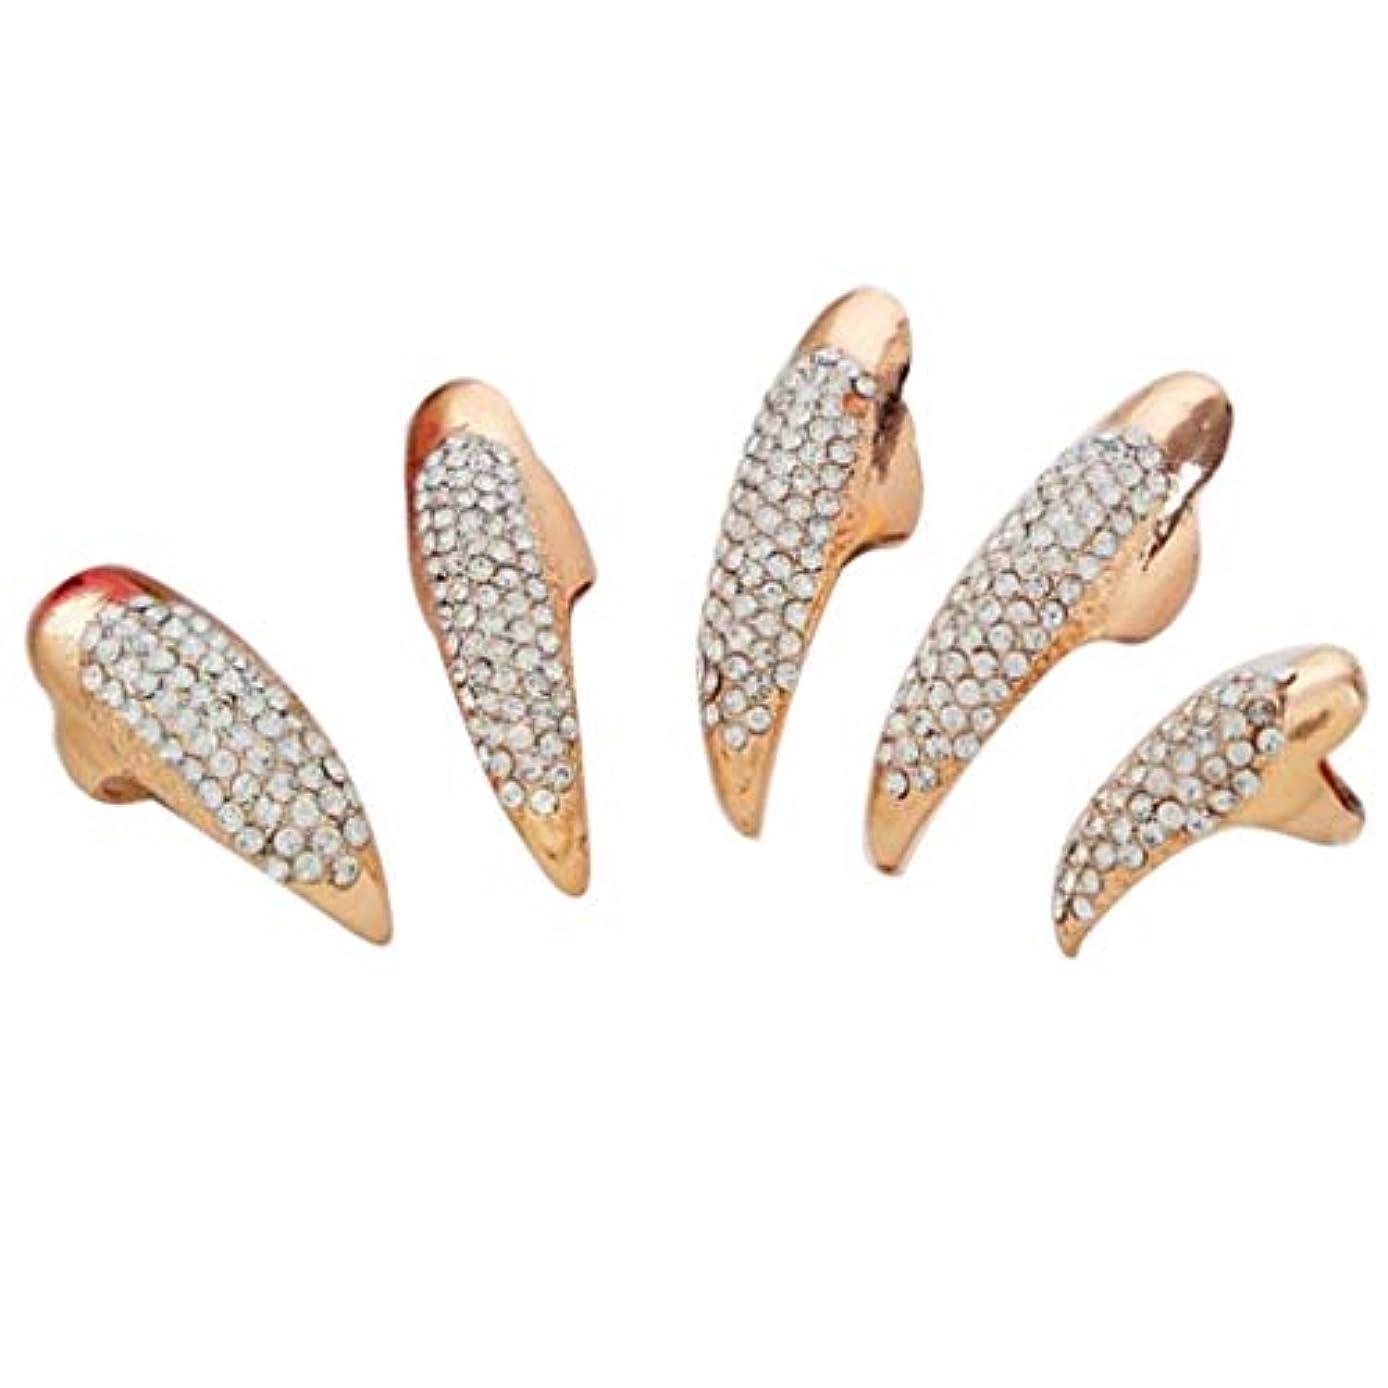 武器びん高揚したネイルアート ネイルリング 爪リング ネイルチップ 指先 爪の指輪 キラキラ 2色選べ - ゴールデン